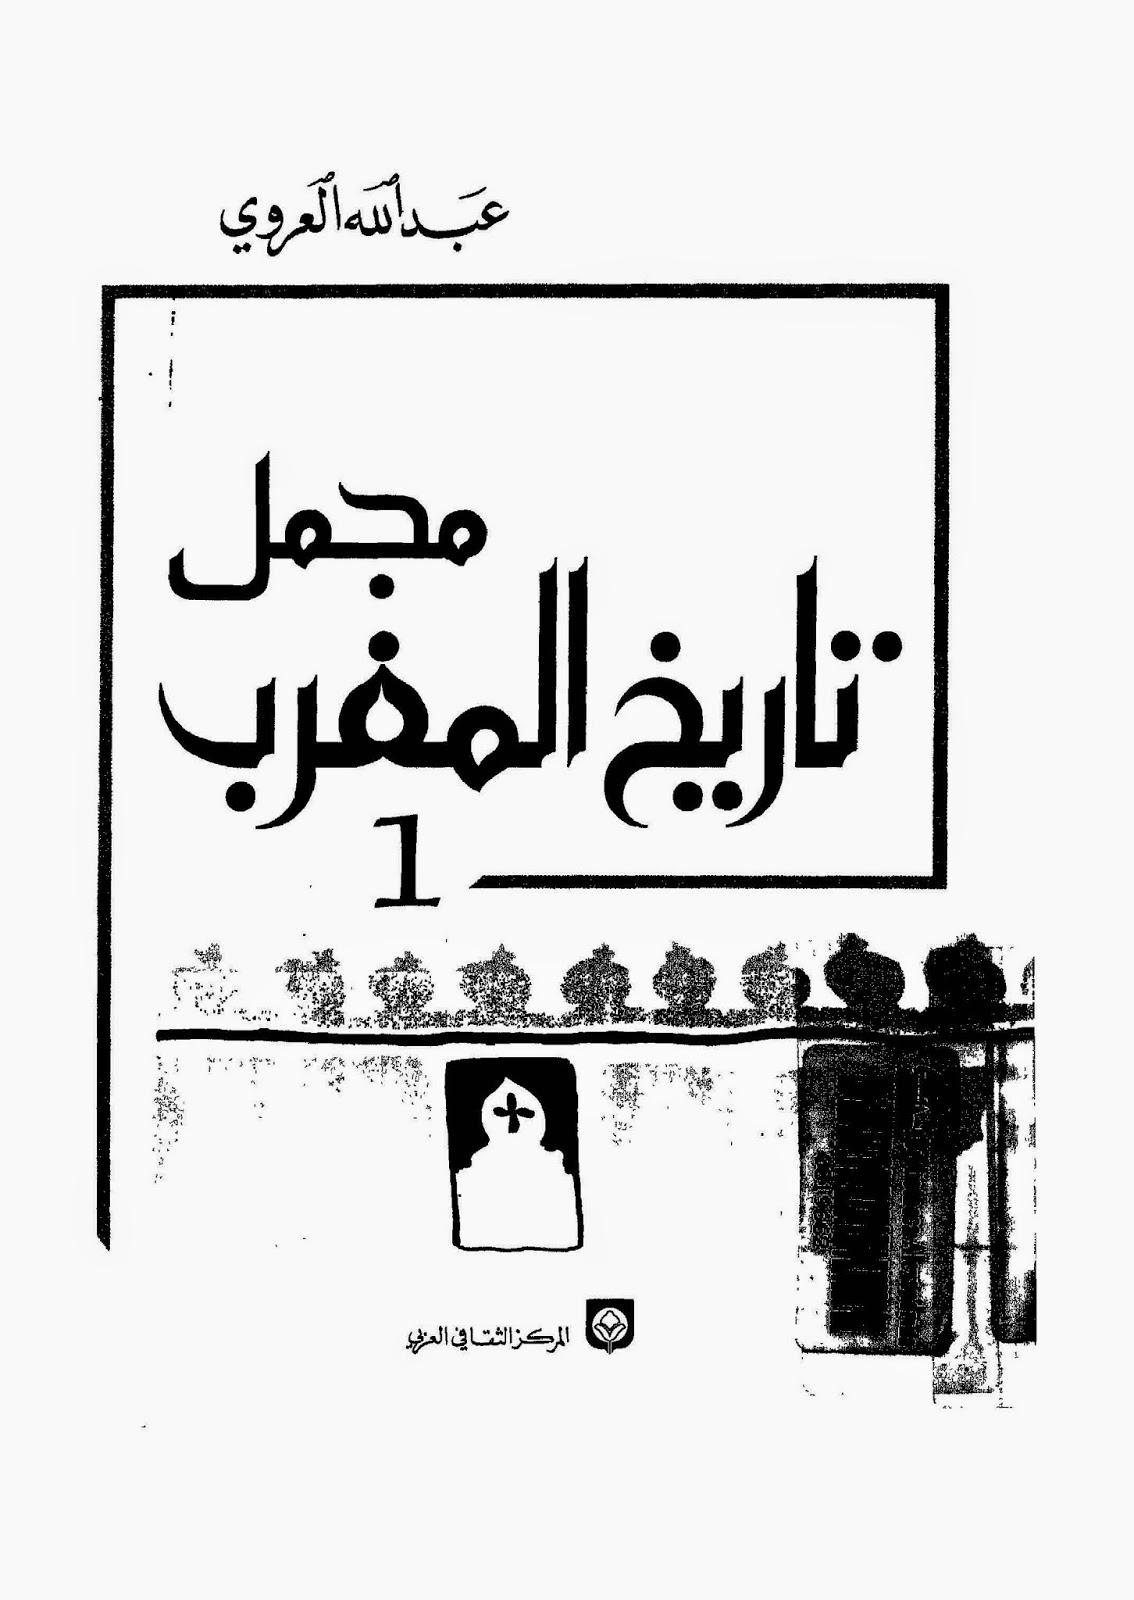 مجمل تاريخ المغرب لـ عبد الله العروي